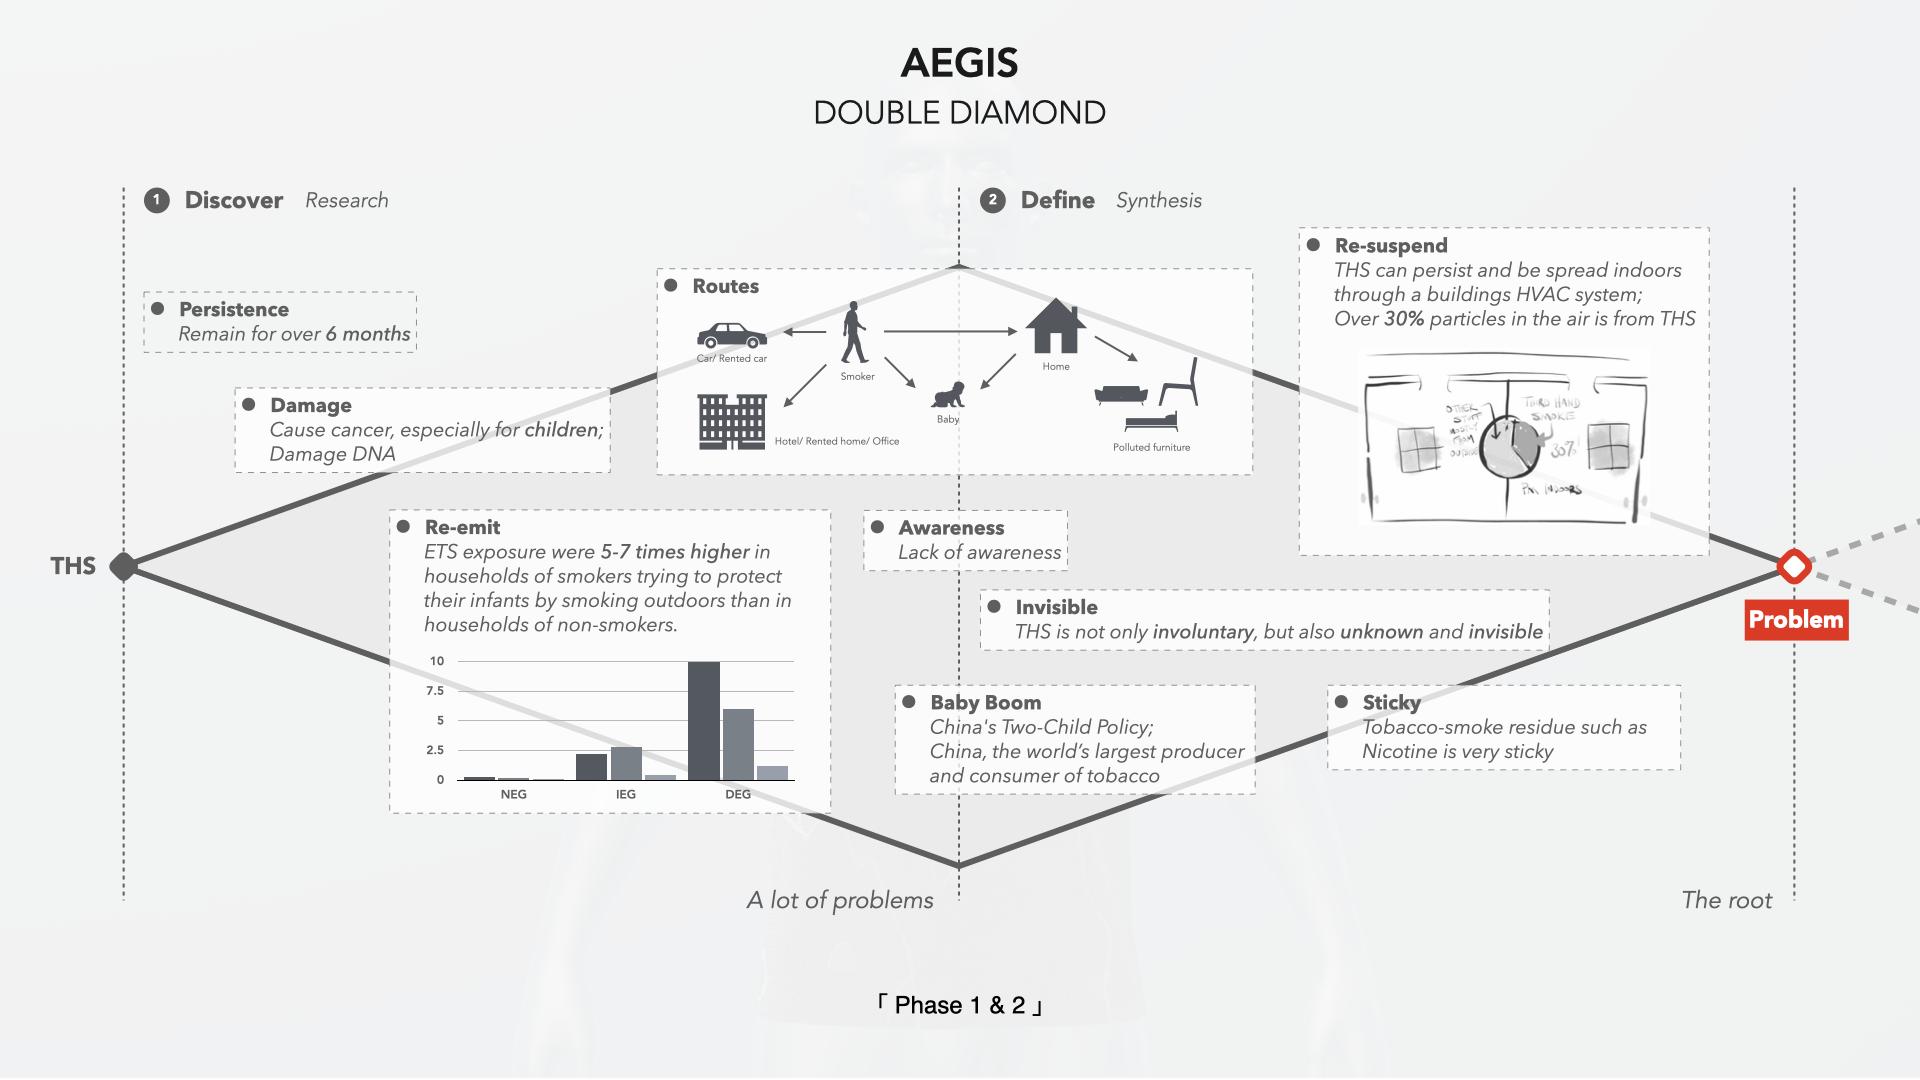 AEGIS_Double Diamond Phase 1 & 2